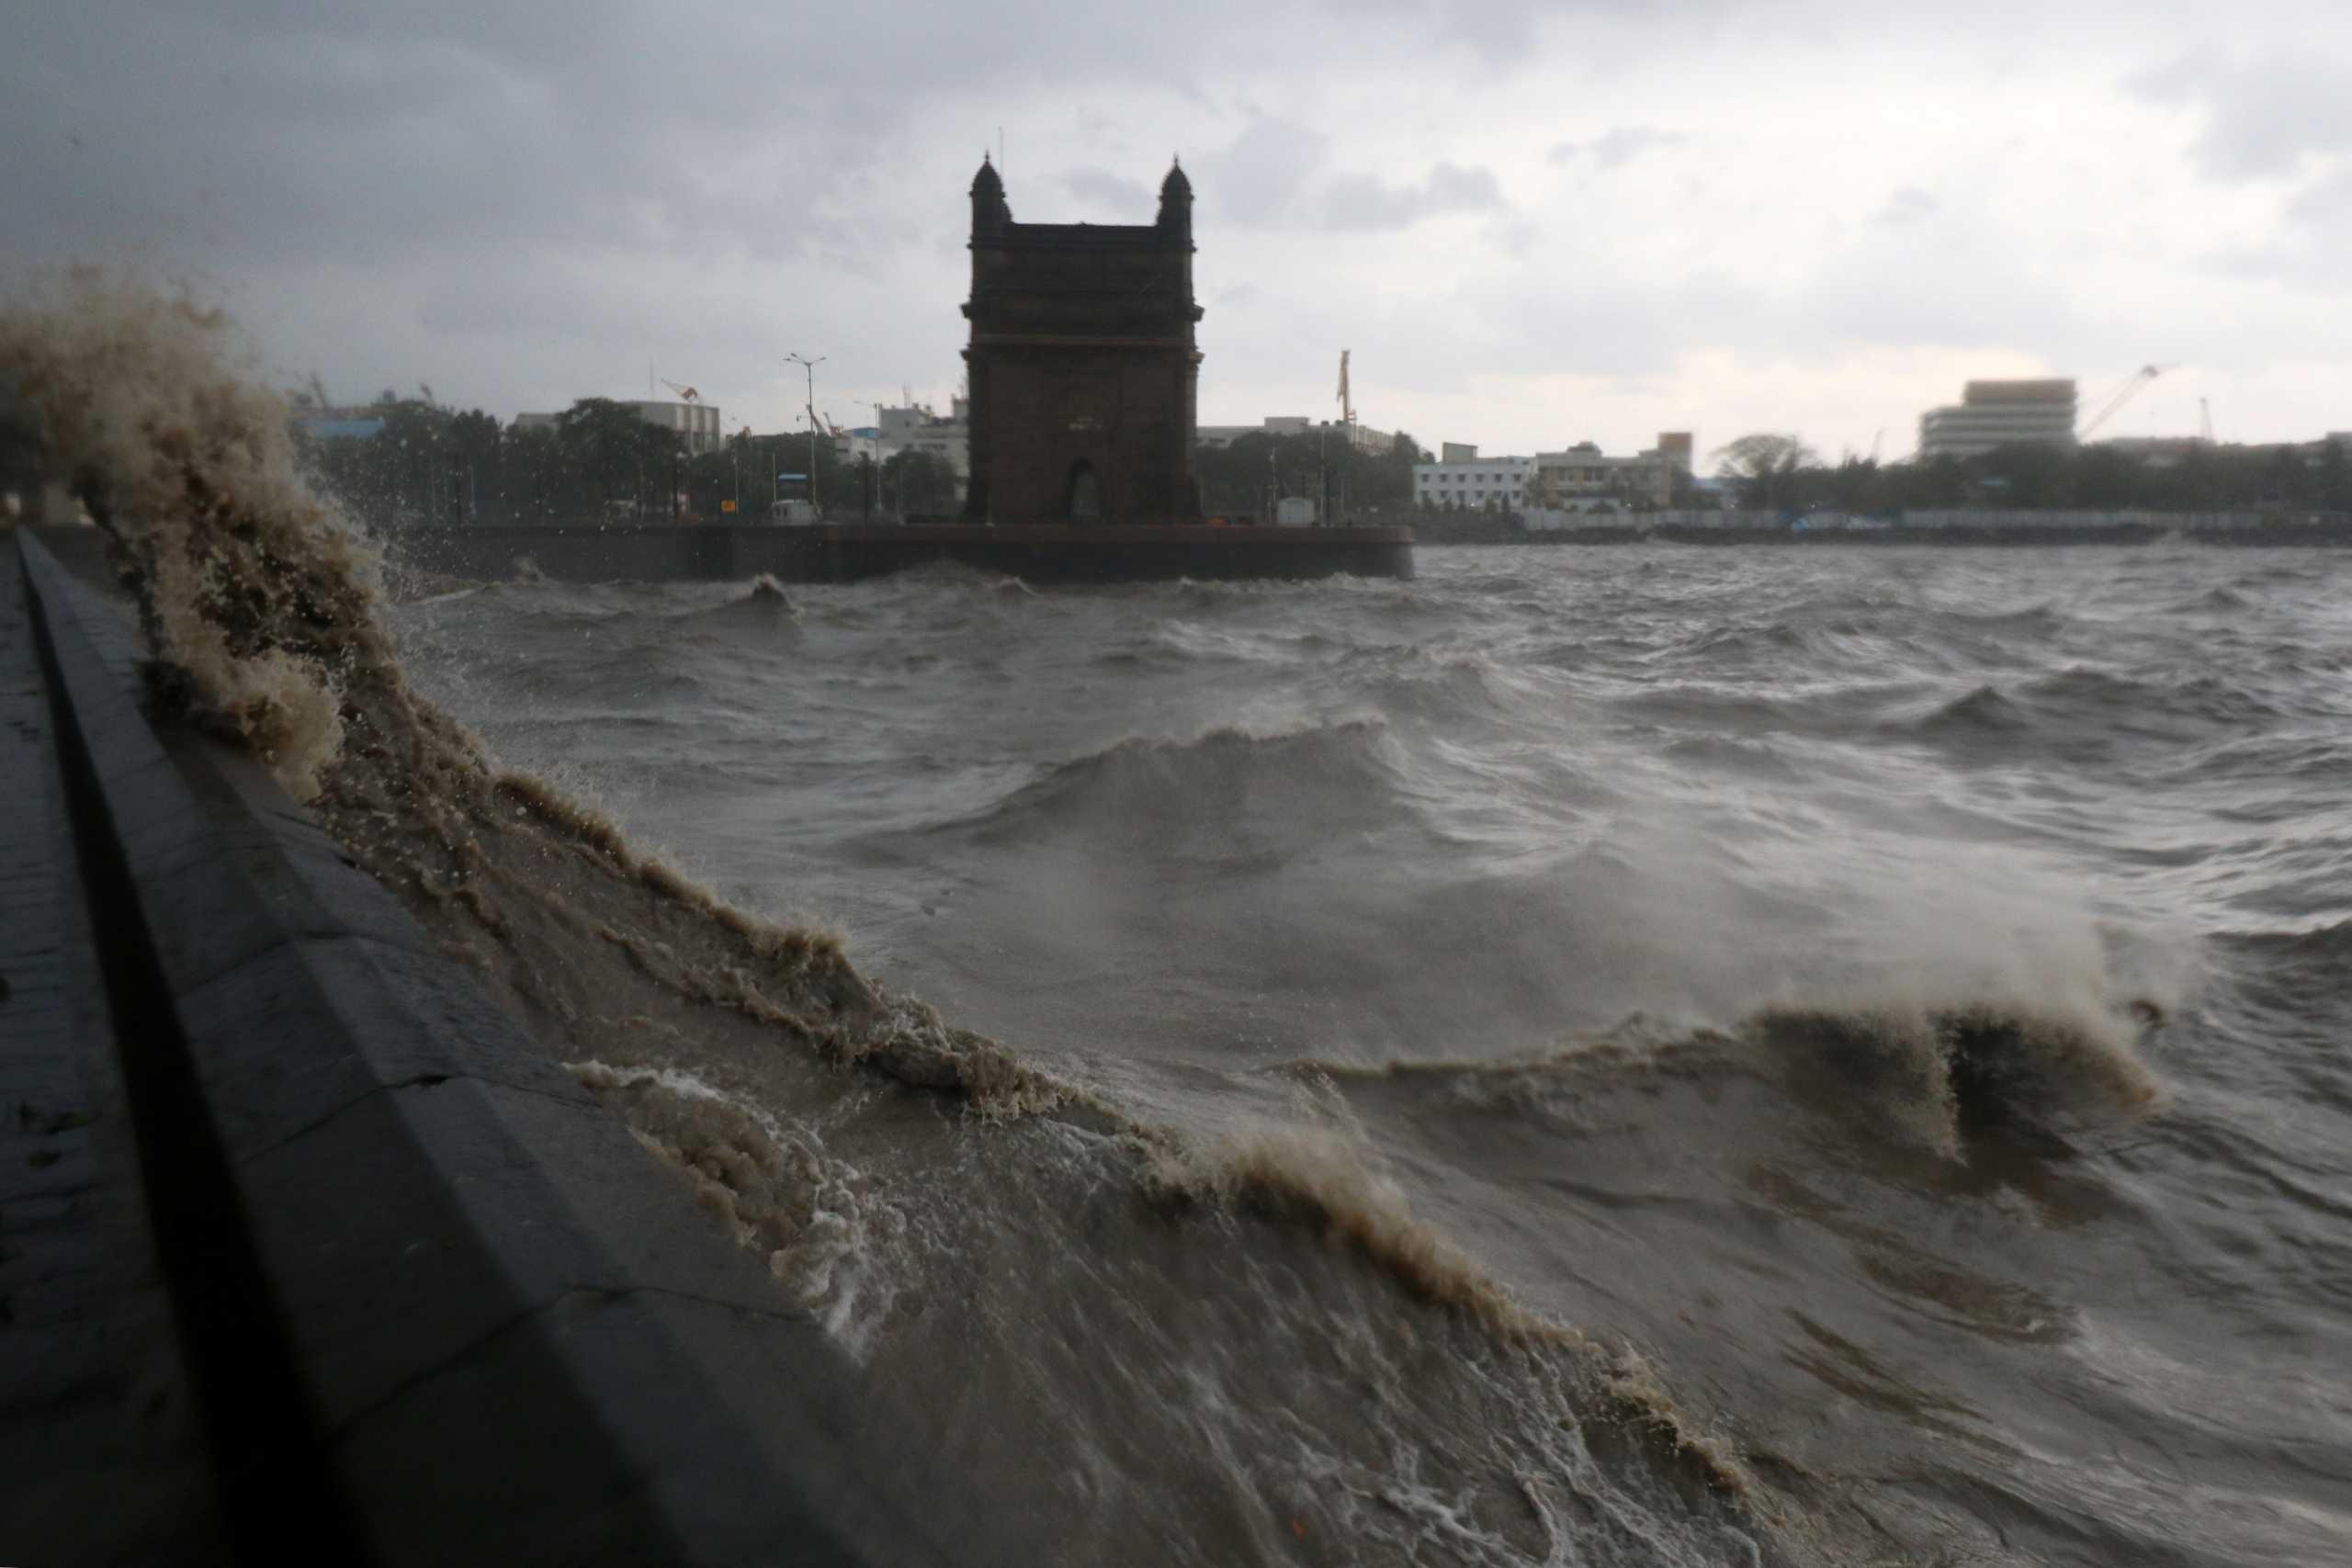 Σαρώνει την Ινδία ο κυκλώνας Ταουκτάε: Πάνω από 120 άνθρωποι αγνοούνται σε ναυάγιο (pics, vids)